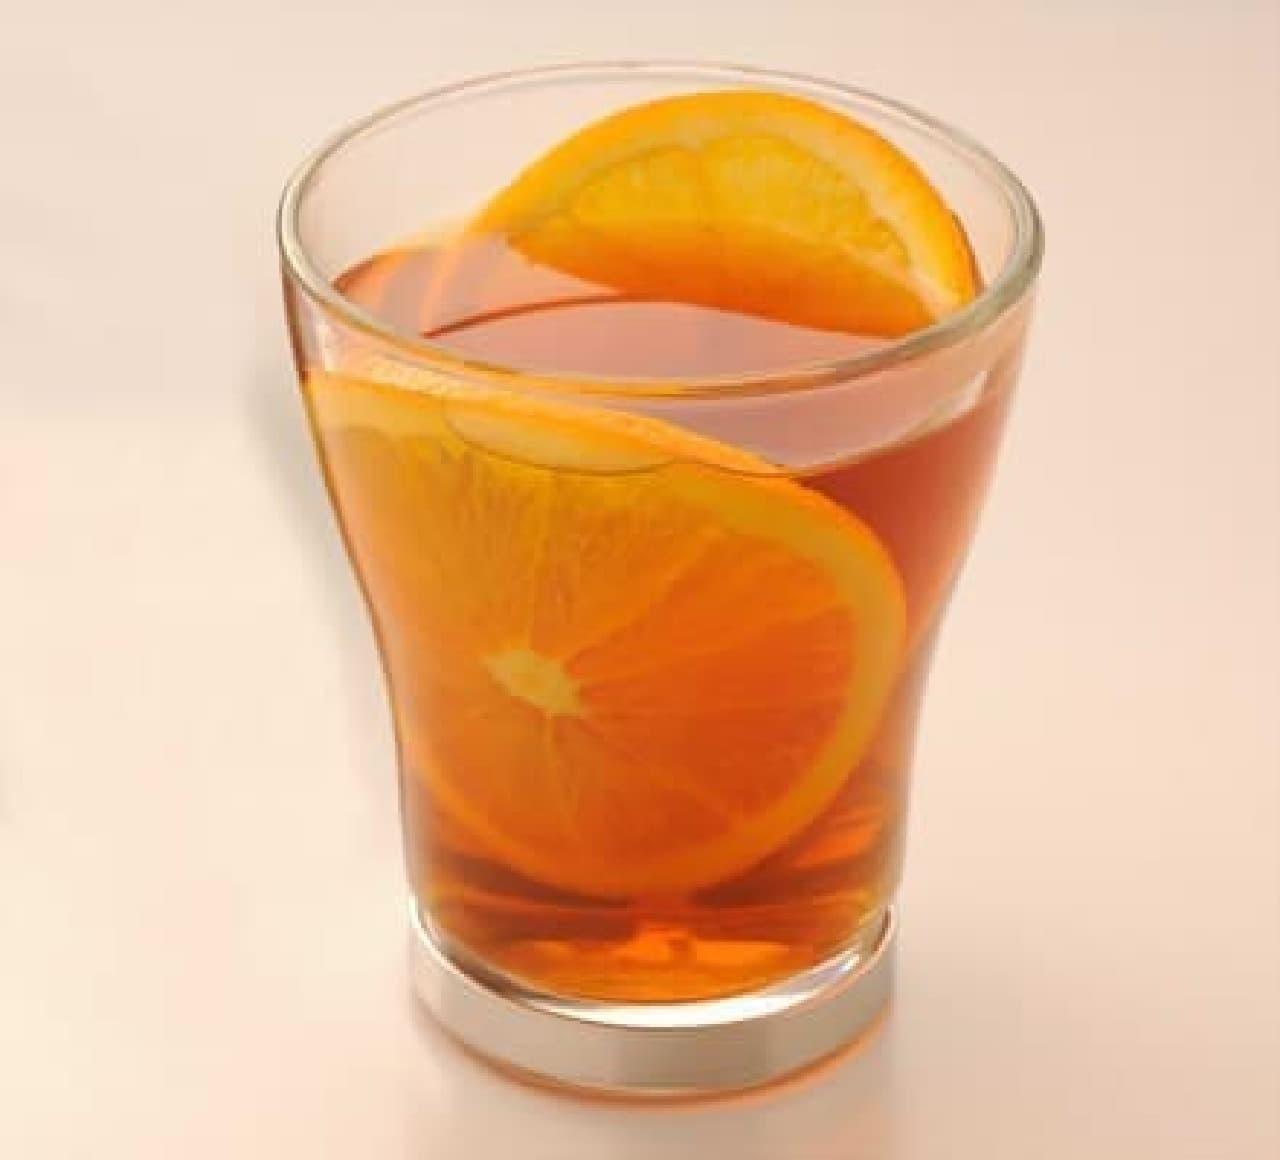 肌寒い日に「フレッシュオレンジティー」